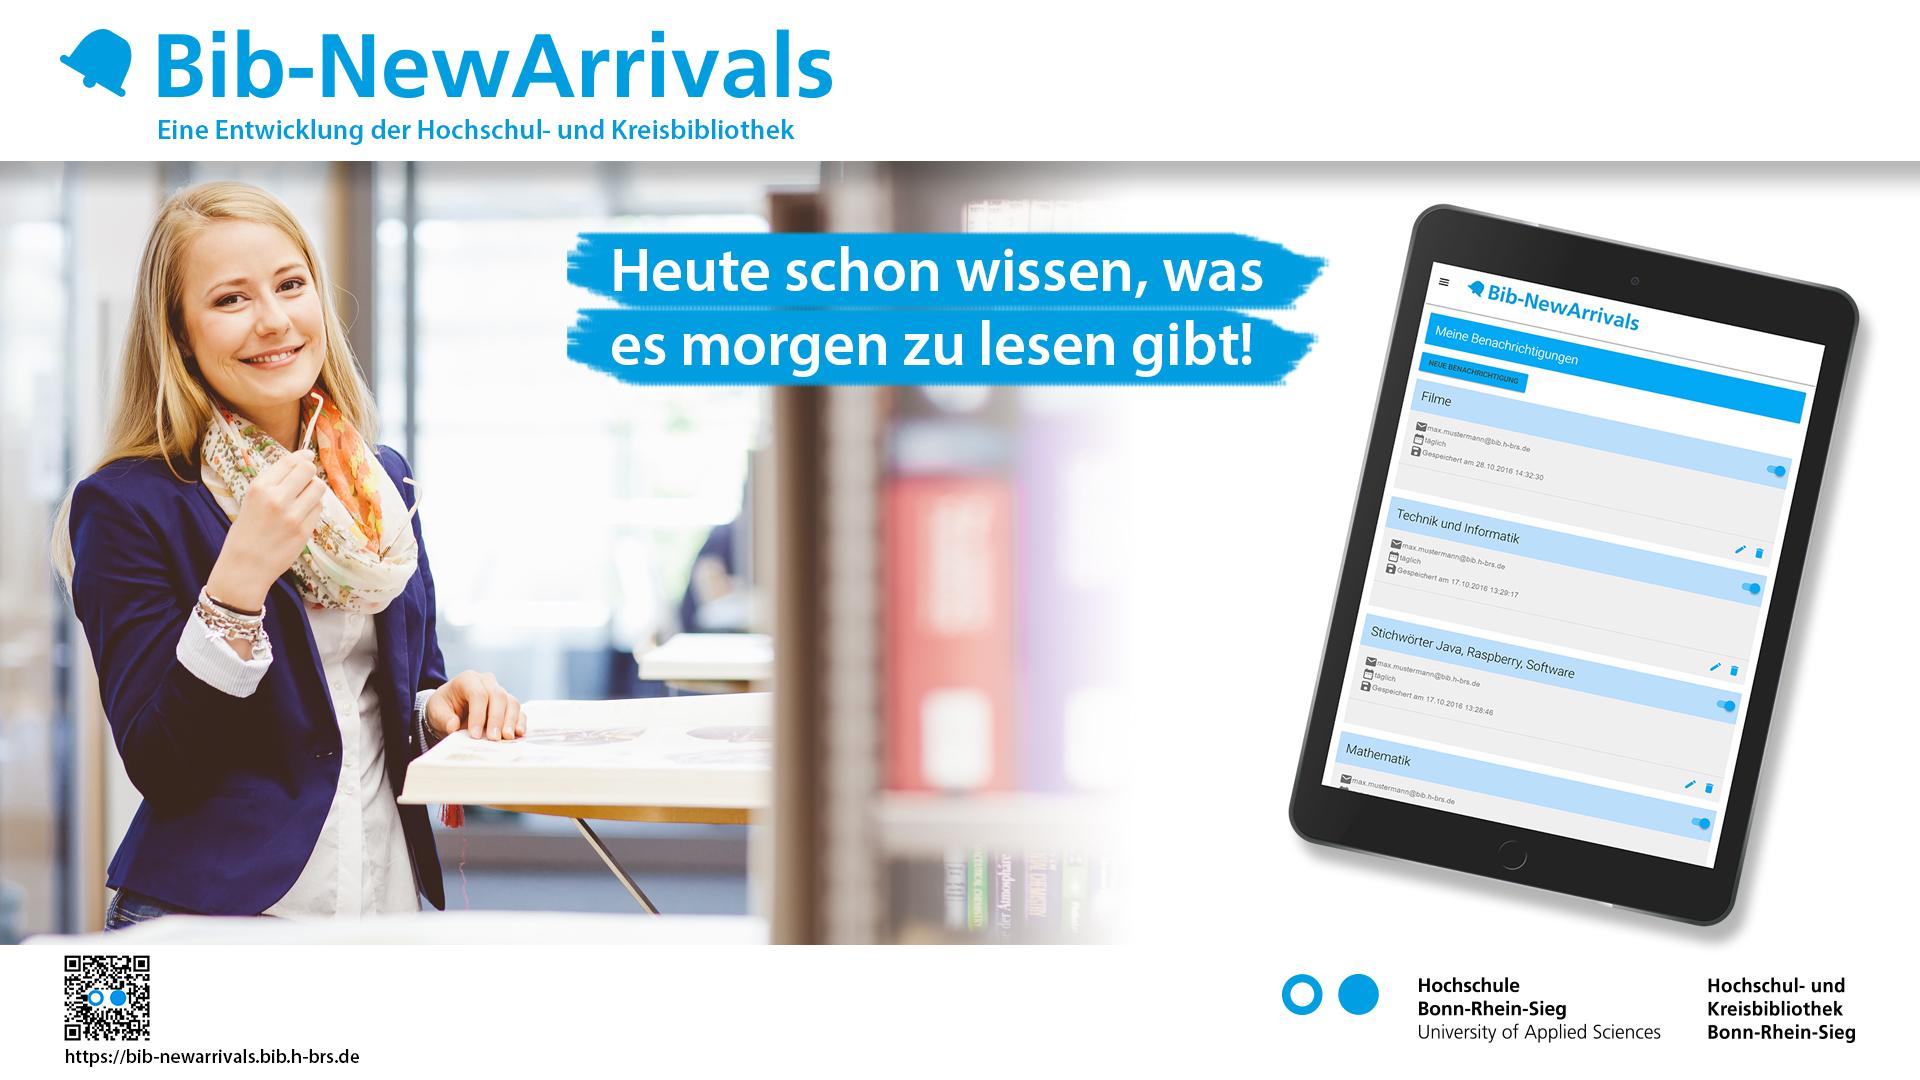 Bib-NewArrivals - Informationsdienst über Neuerwerbungen in der Bibliothek der H-BRS